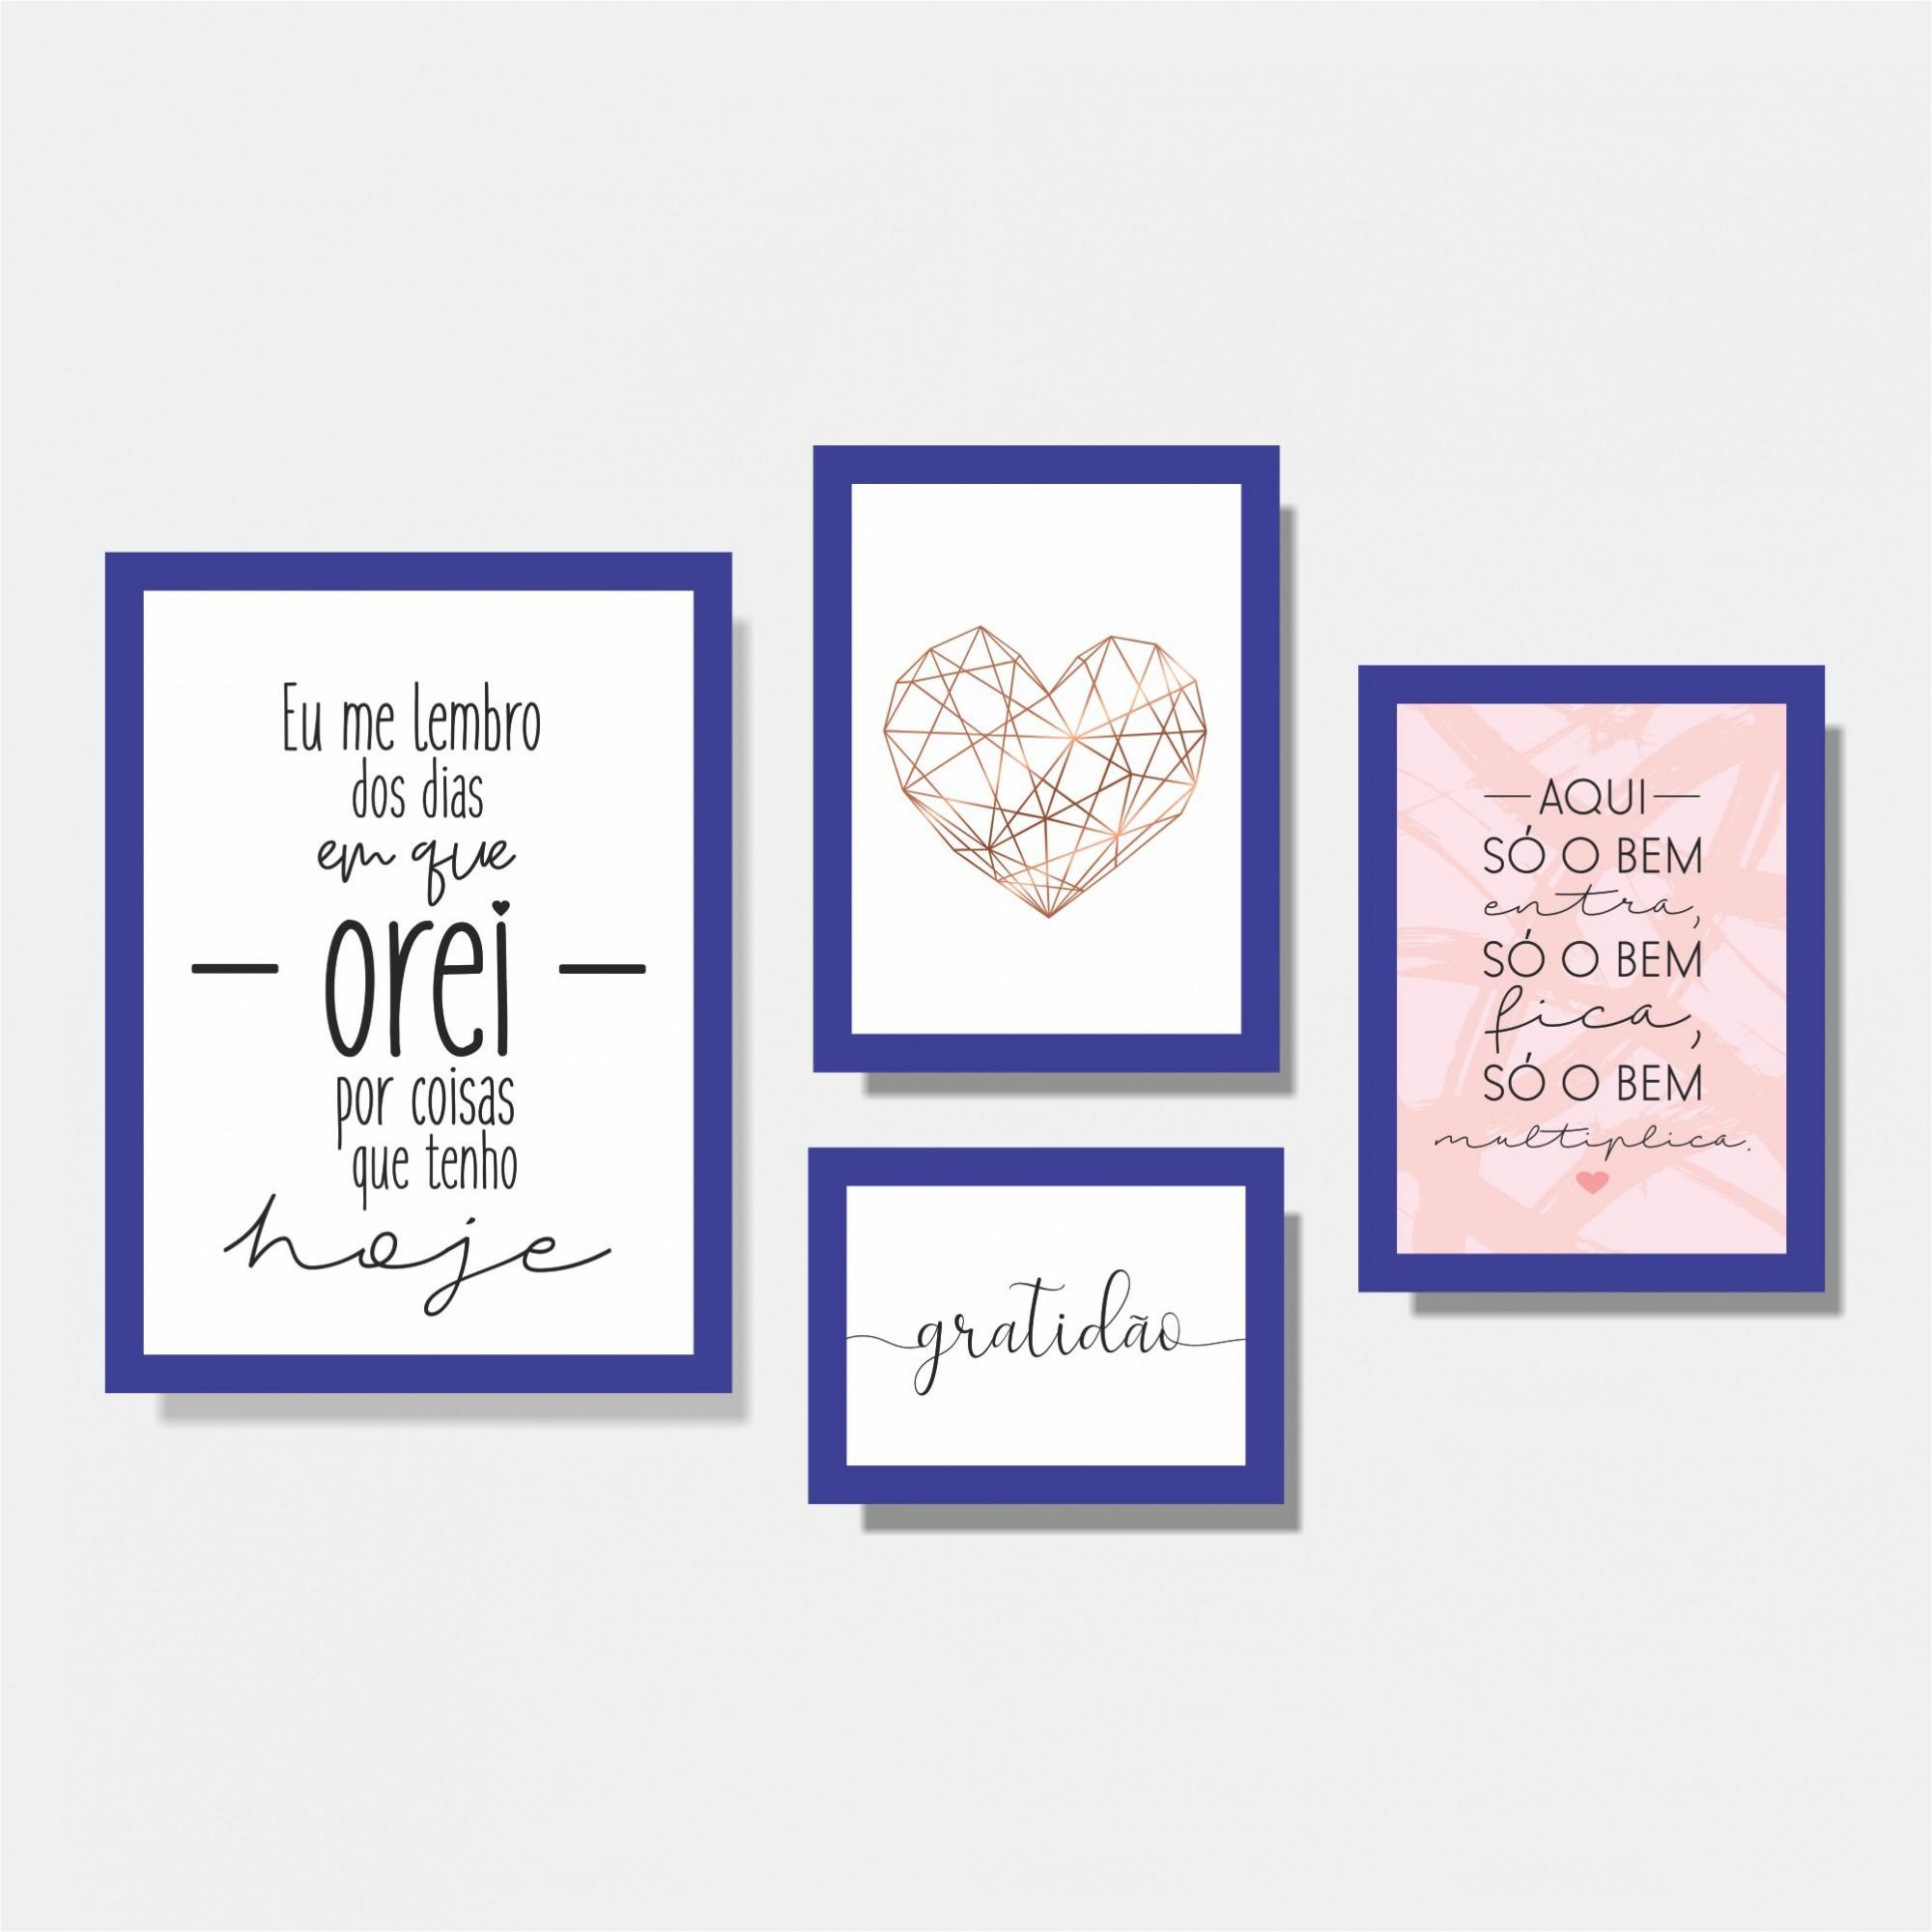 Kit Conjunto de Quadros para Sala Eu me Lembro / Coração Geométrico / Aqui só o Bem Entra / Gratidão